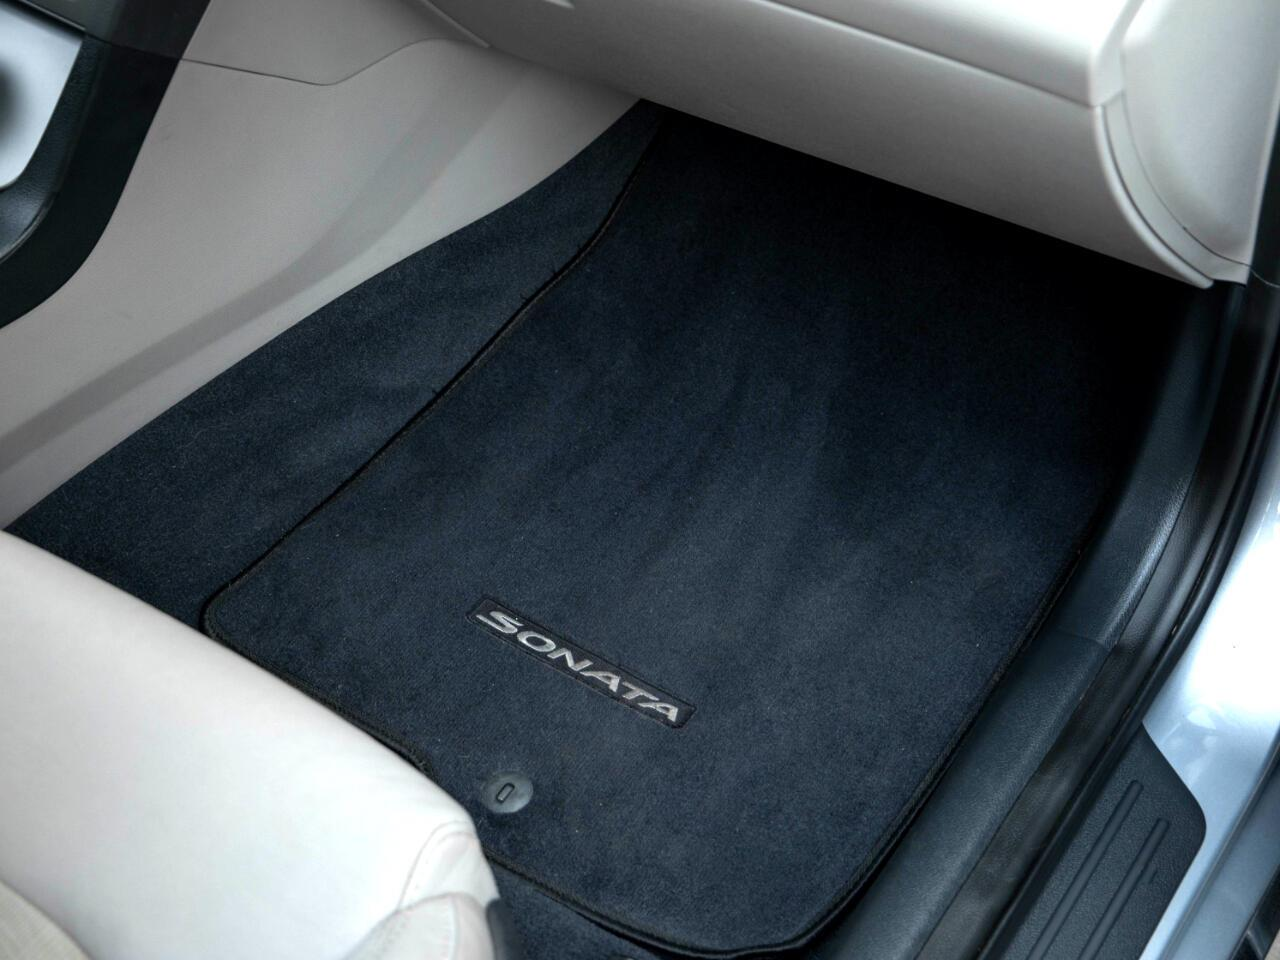 2016 Hyundai Sonata (CC-1386430) for sale in Marina Del Rey, California